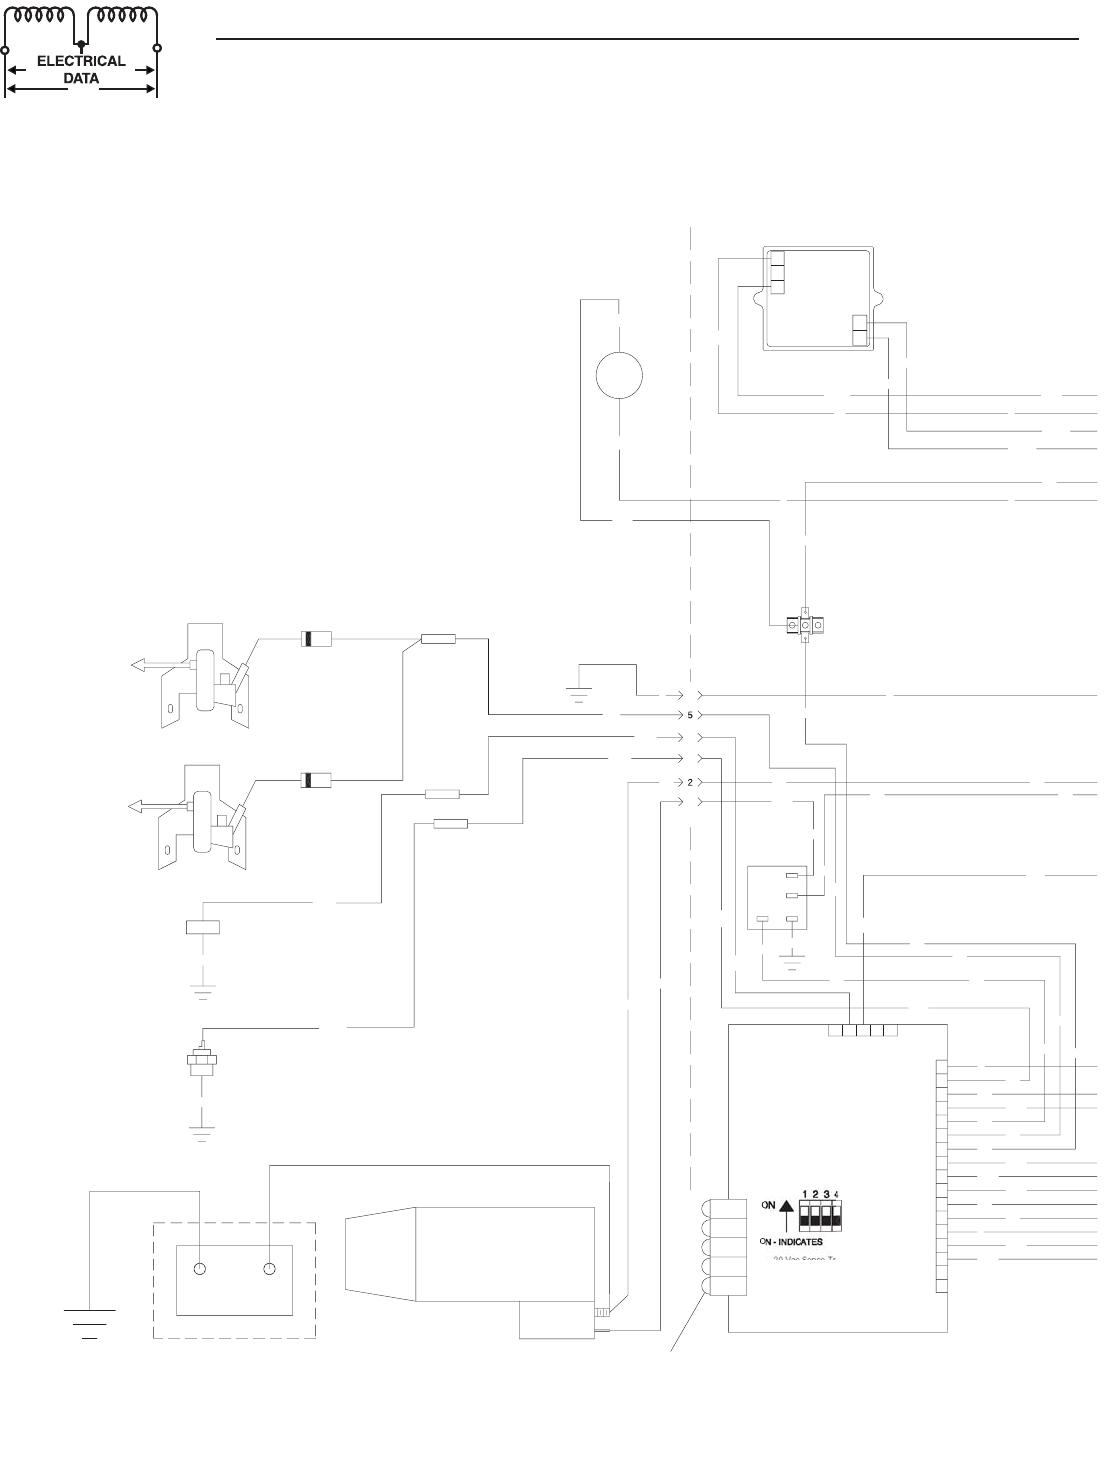 AN-8475-800VA 75V 10A or 150V 5A Power Transformer